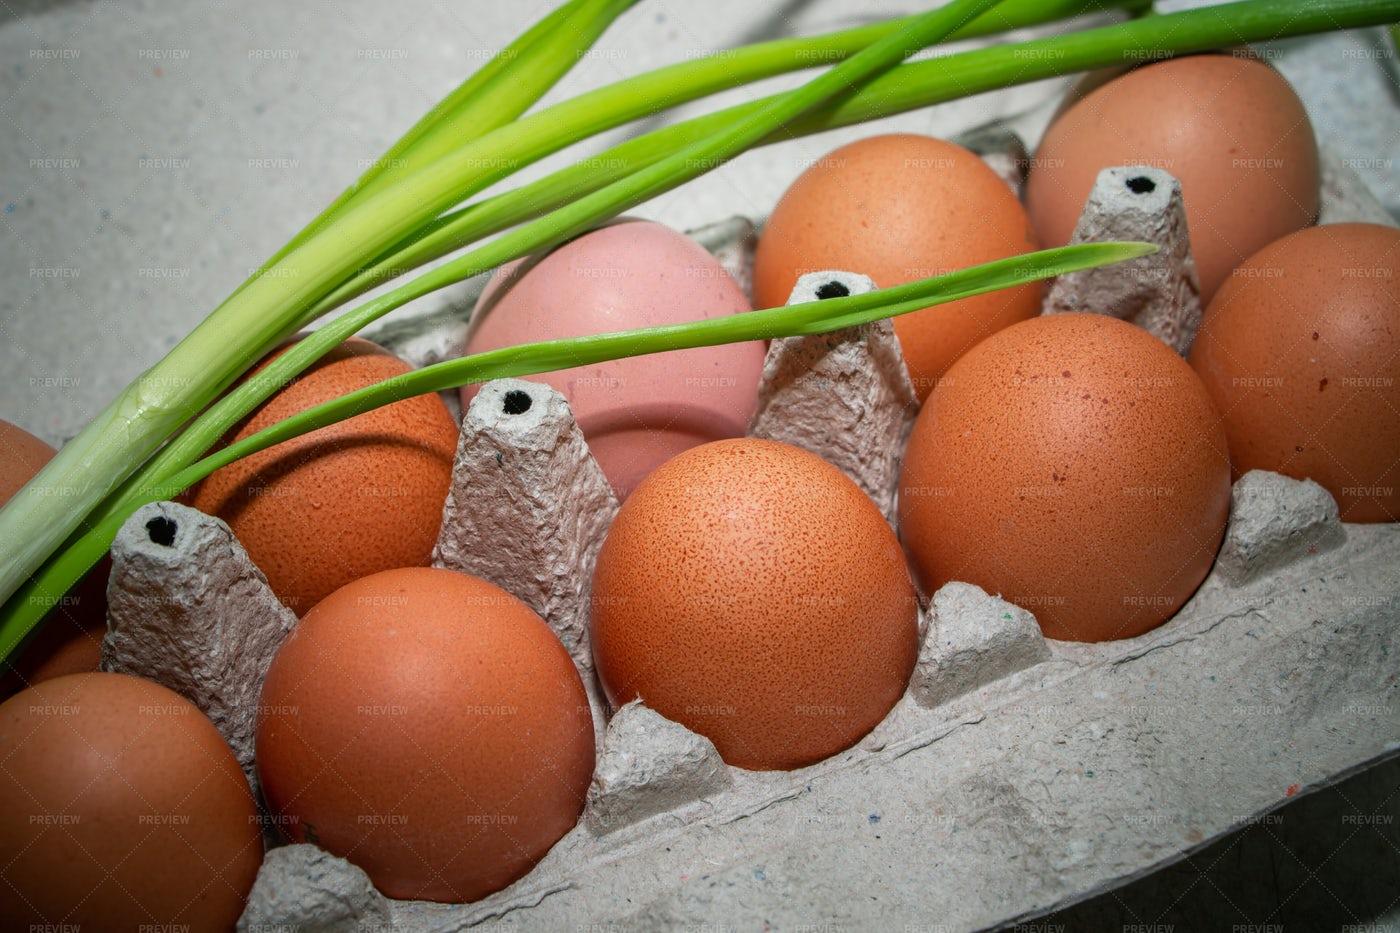 Carton Of Brown Eggs: Stock Photos